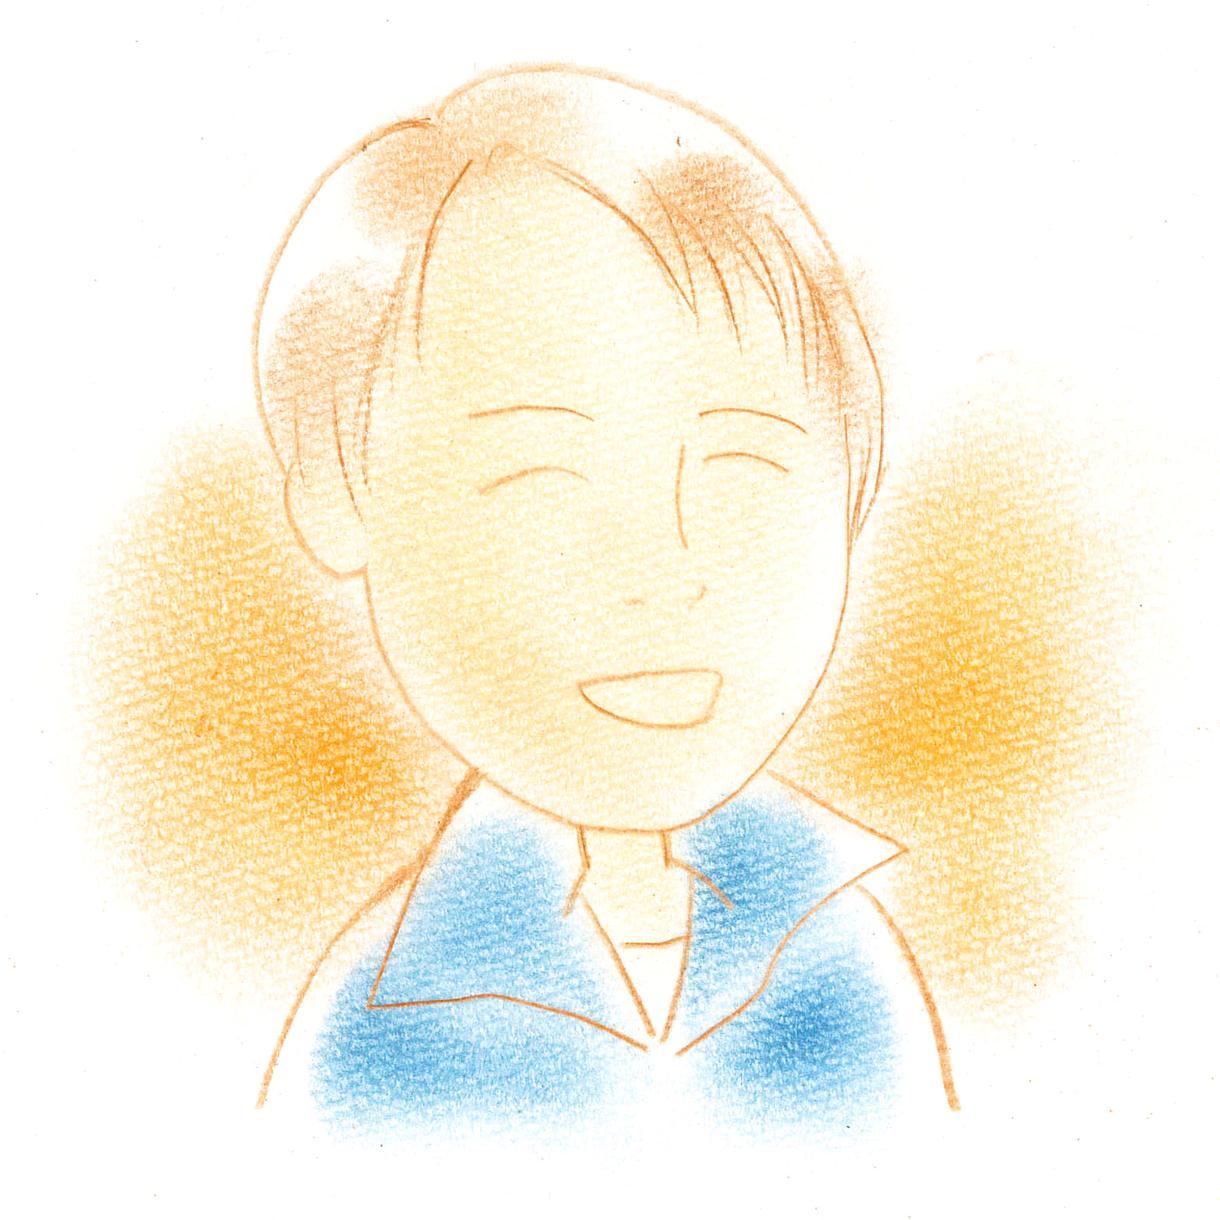 色鉛筆の優しい似顔絵描きます 名刺に入れたり、SNSのアイコンにいかがですか?